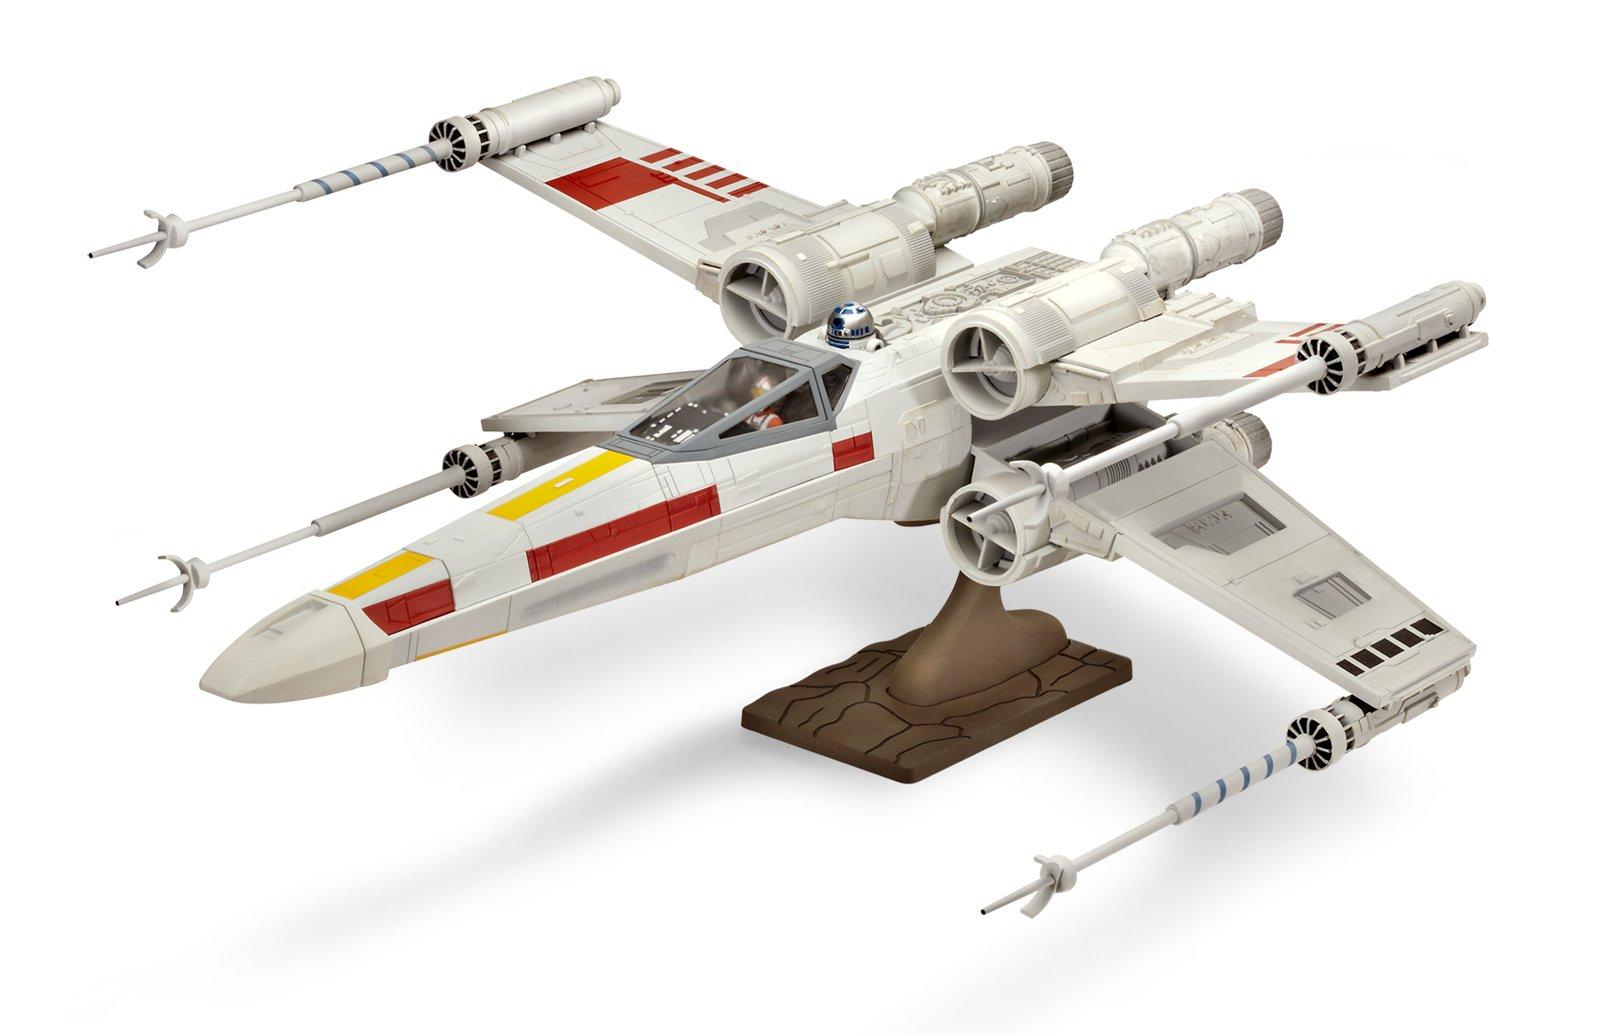 Revell Star Wars 1/30 X-wing Fighter Model Kit